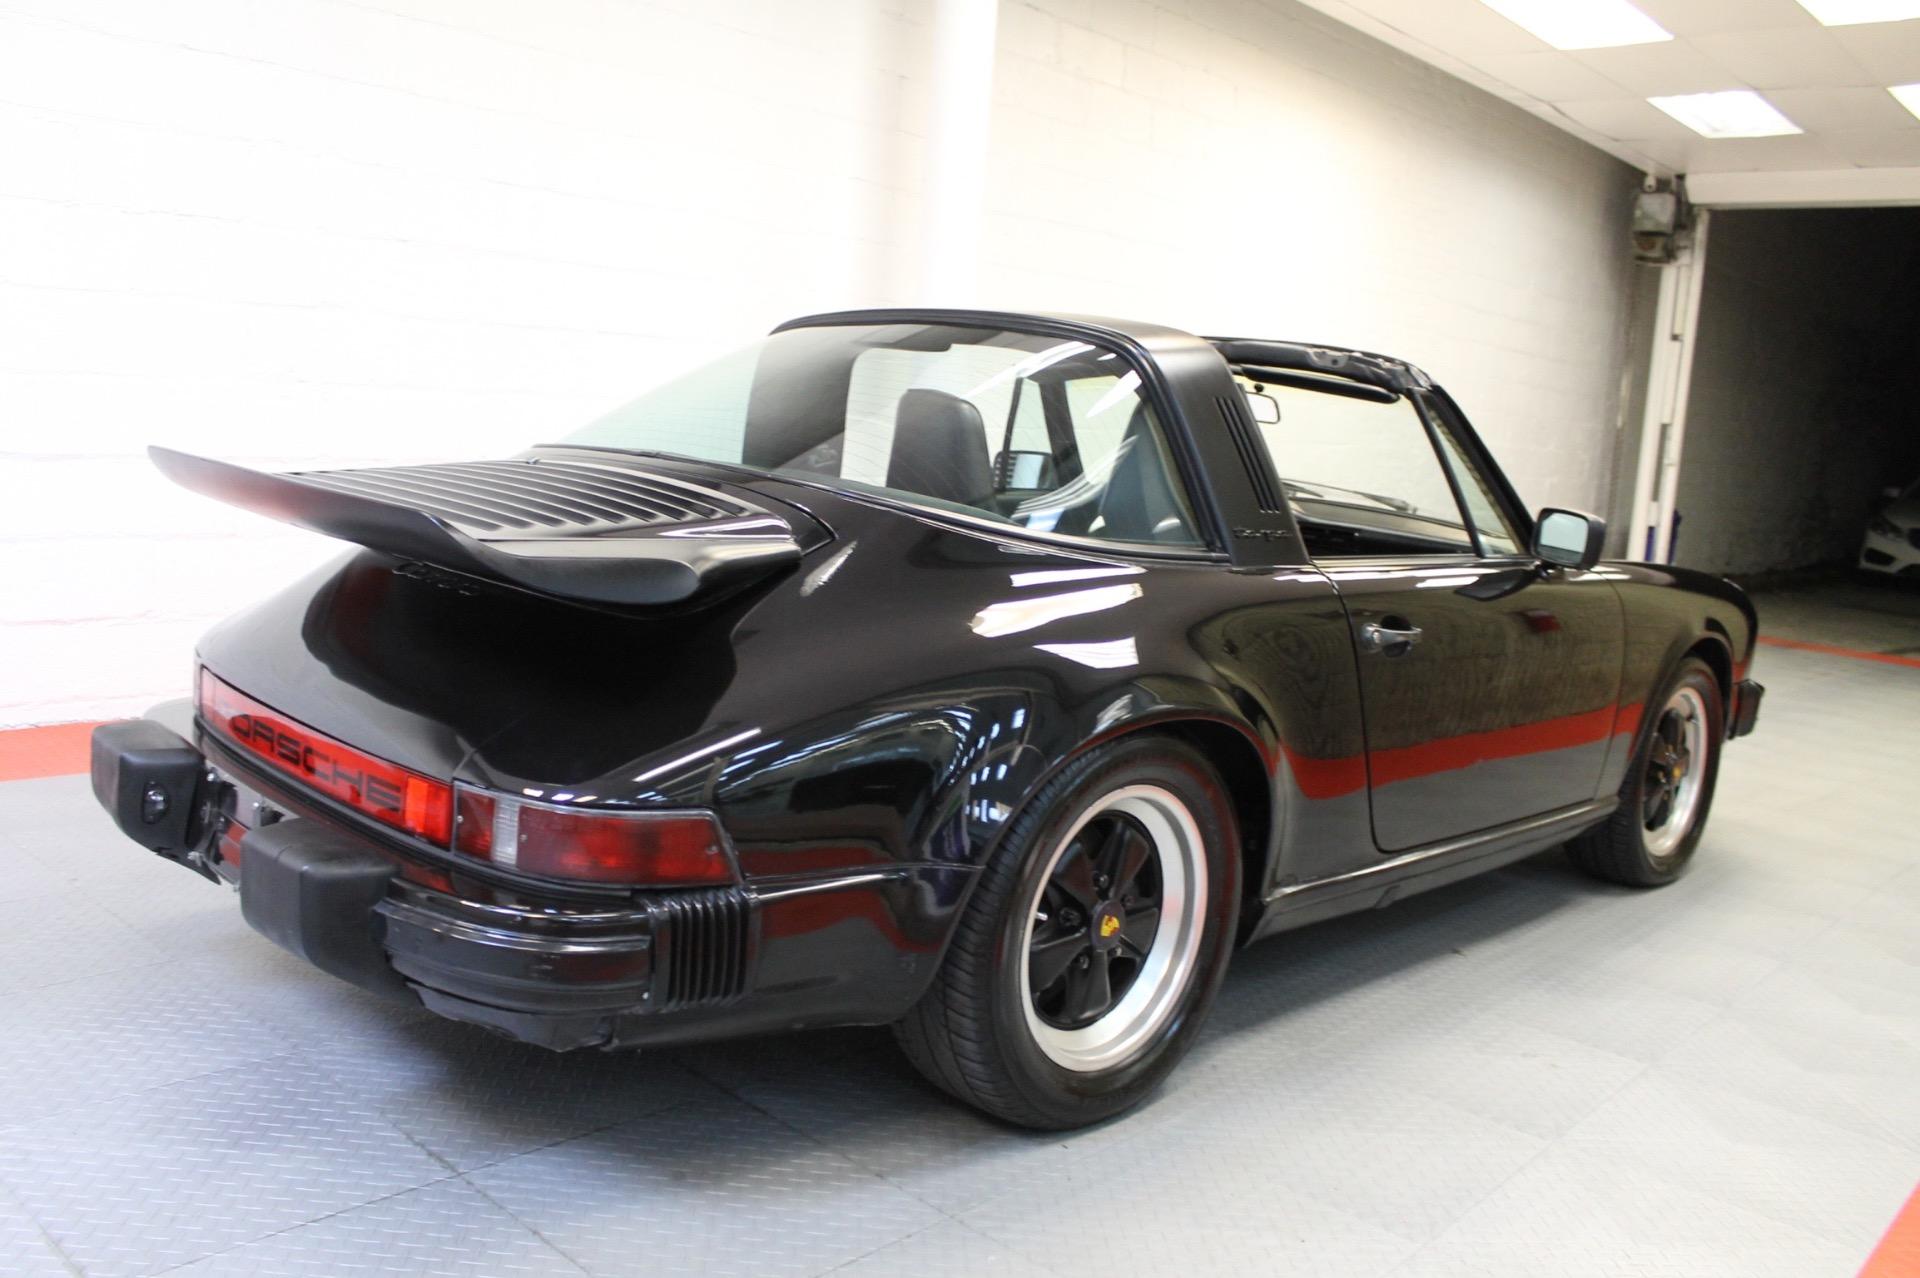 1986 porsche 911 targa 1986 porsche 911 targa vanachro Gallery